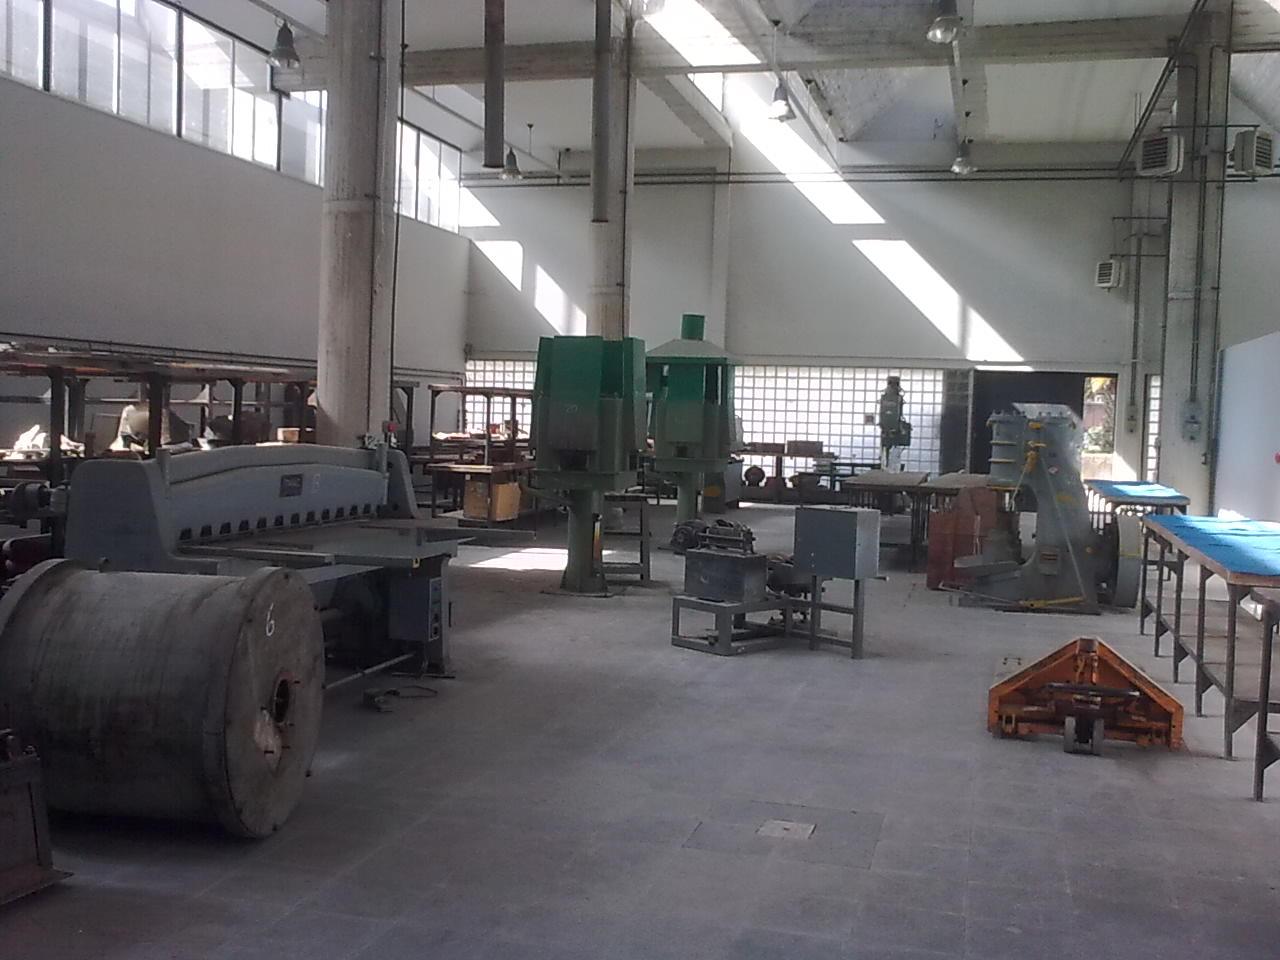 Piazza armerina un museo della tecnica all industriale infatti l